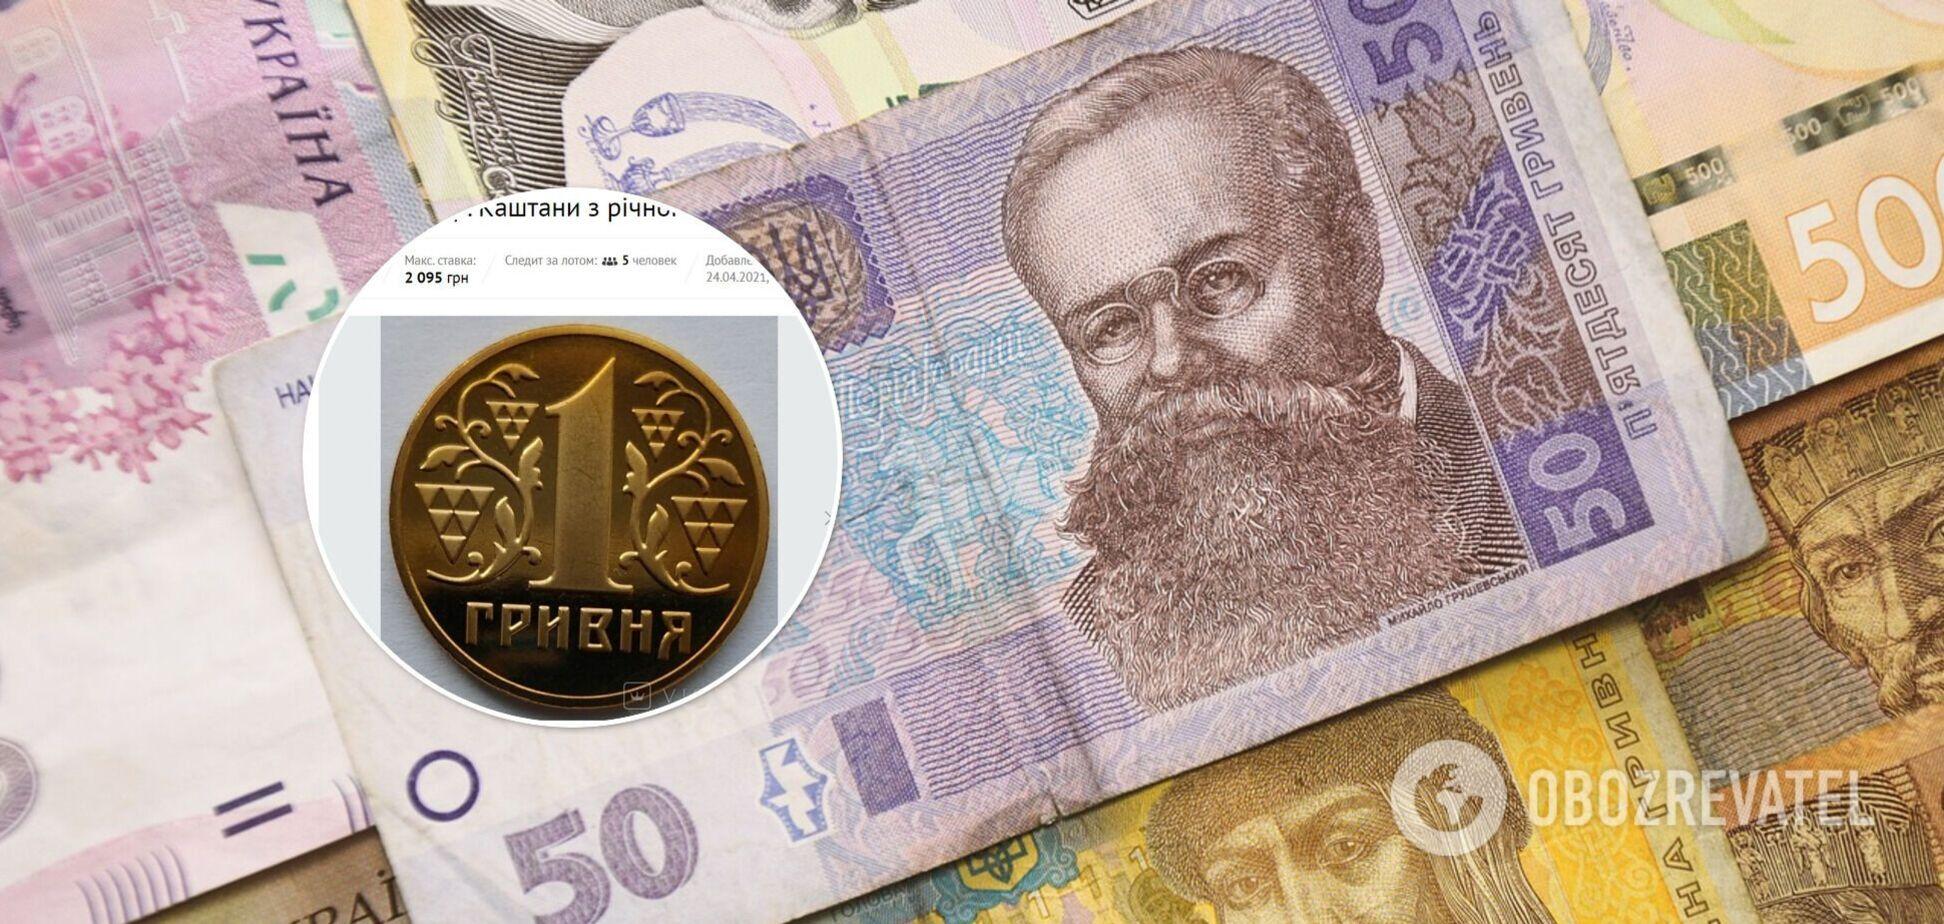 Украинцы продают современные копейки за тысячи гривен: какие монеты искать